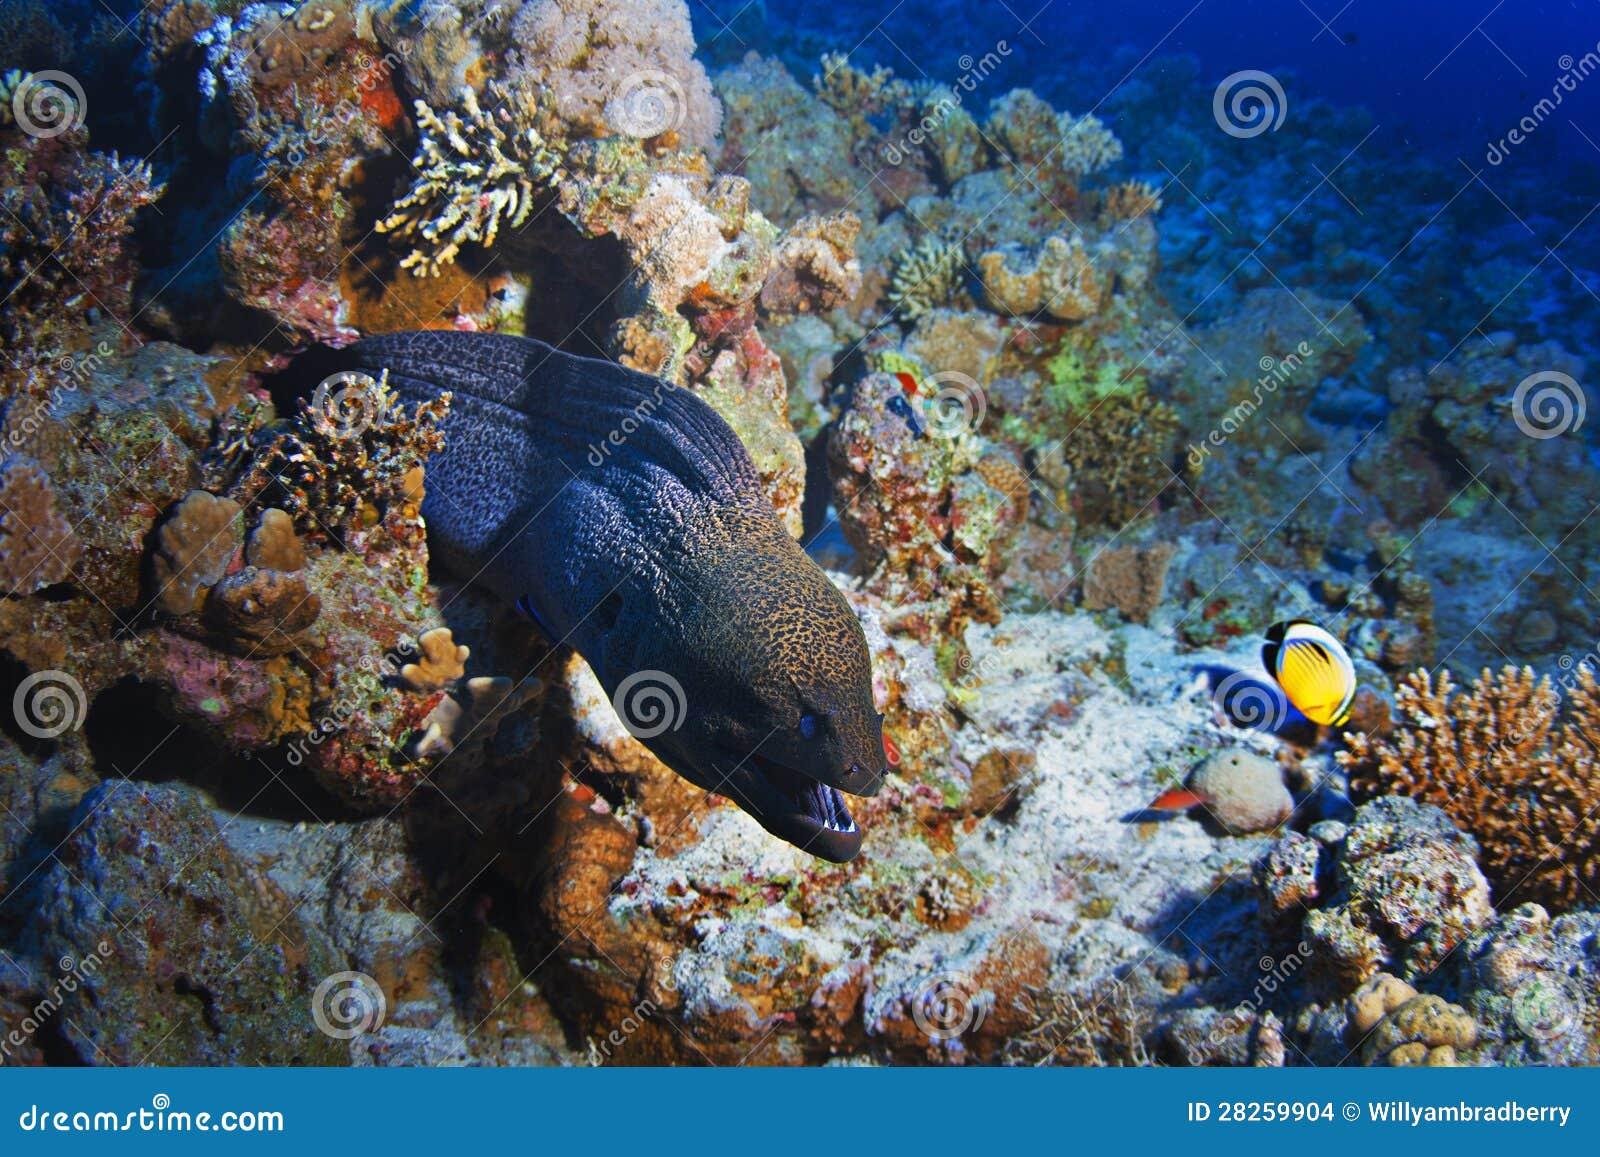 礁石用巨型灰色海鳝和鱼